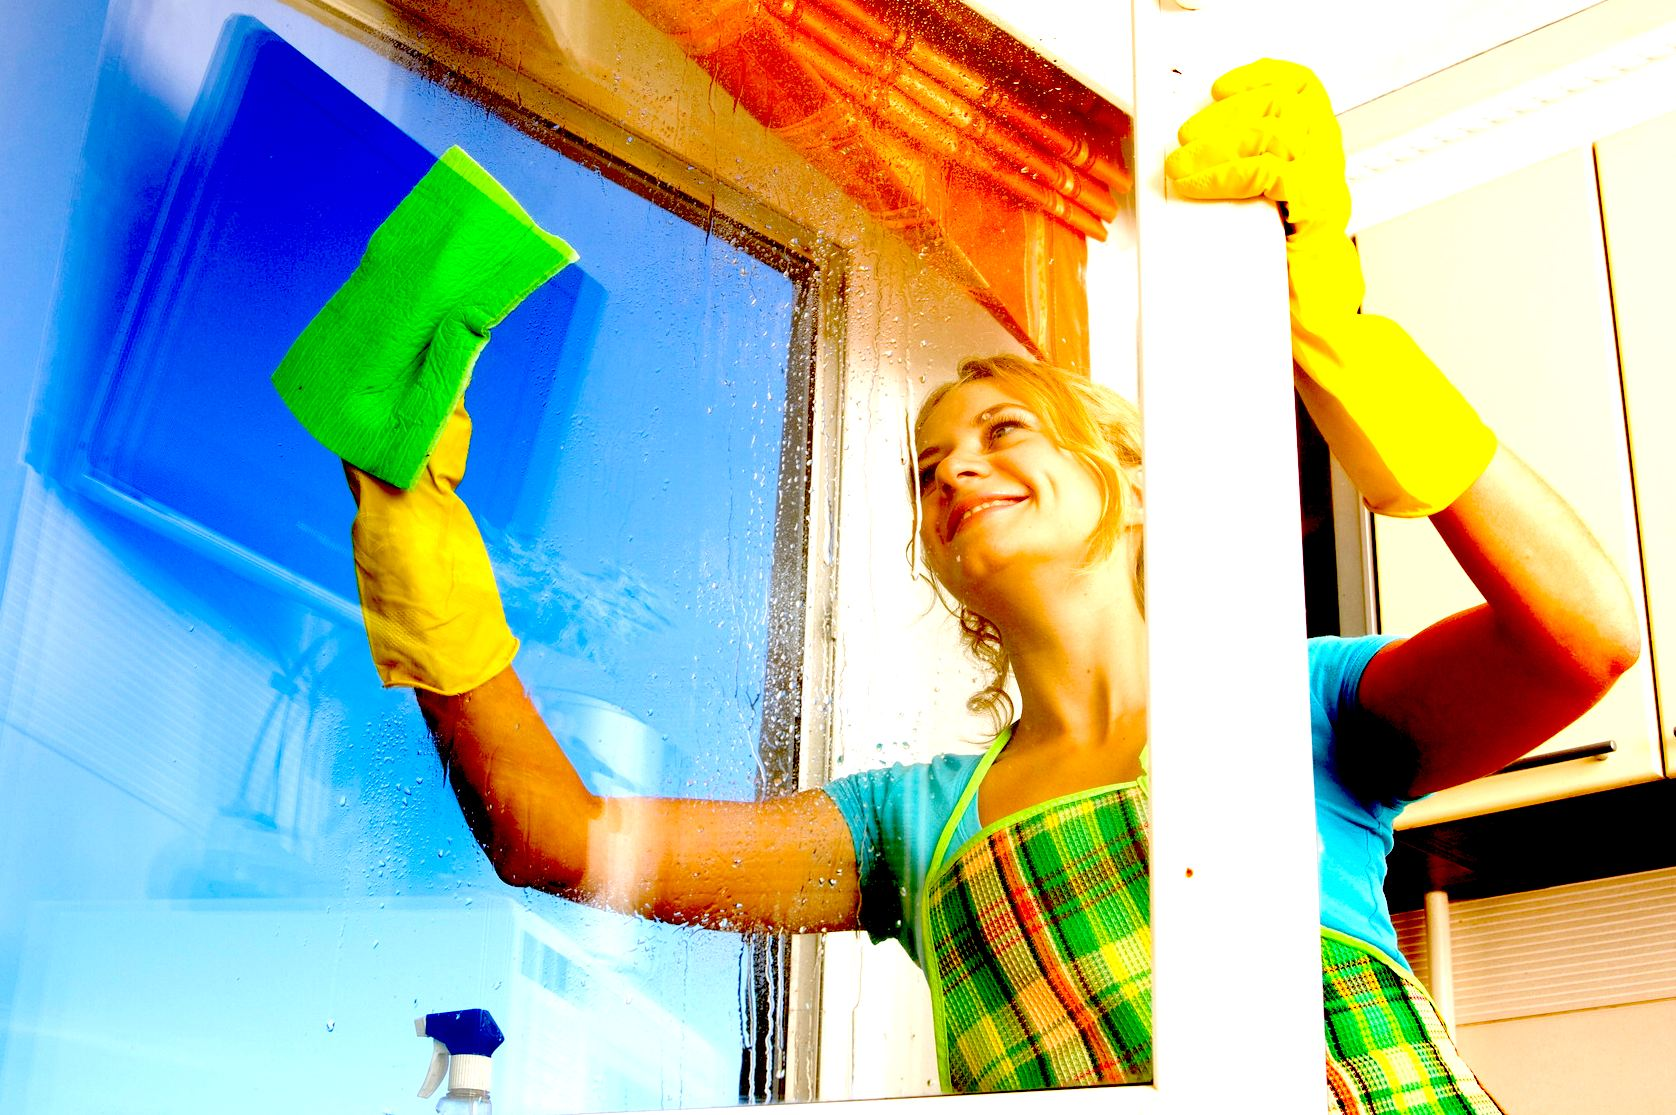 Come togliere i graffi dal vetro